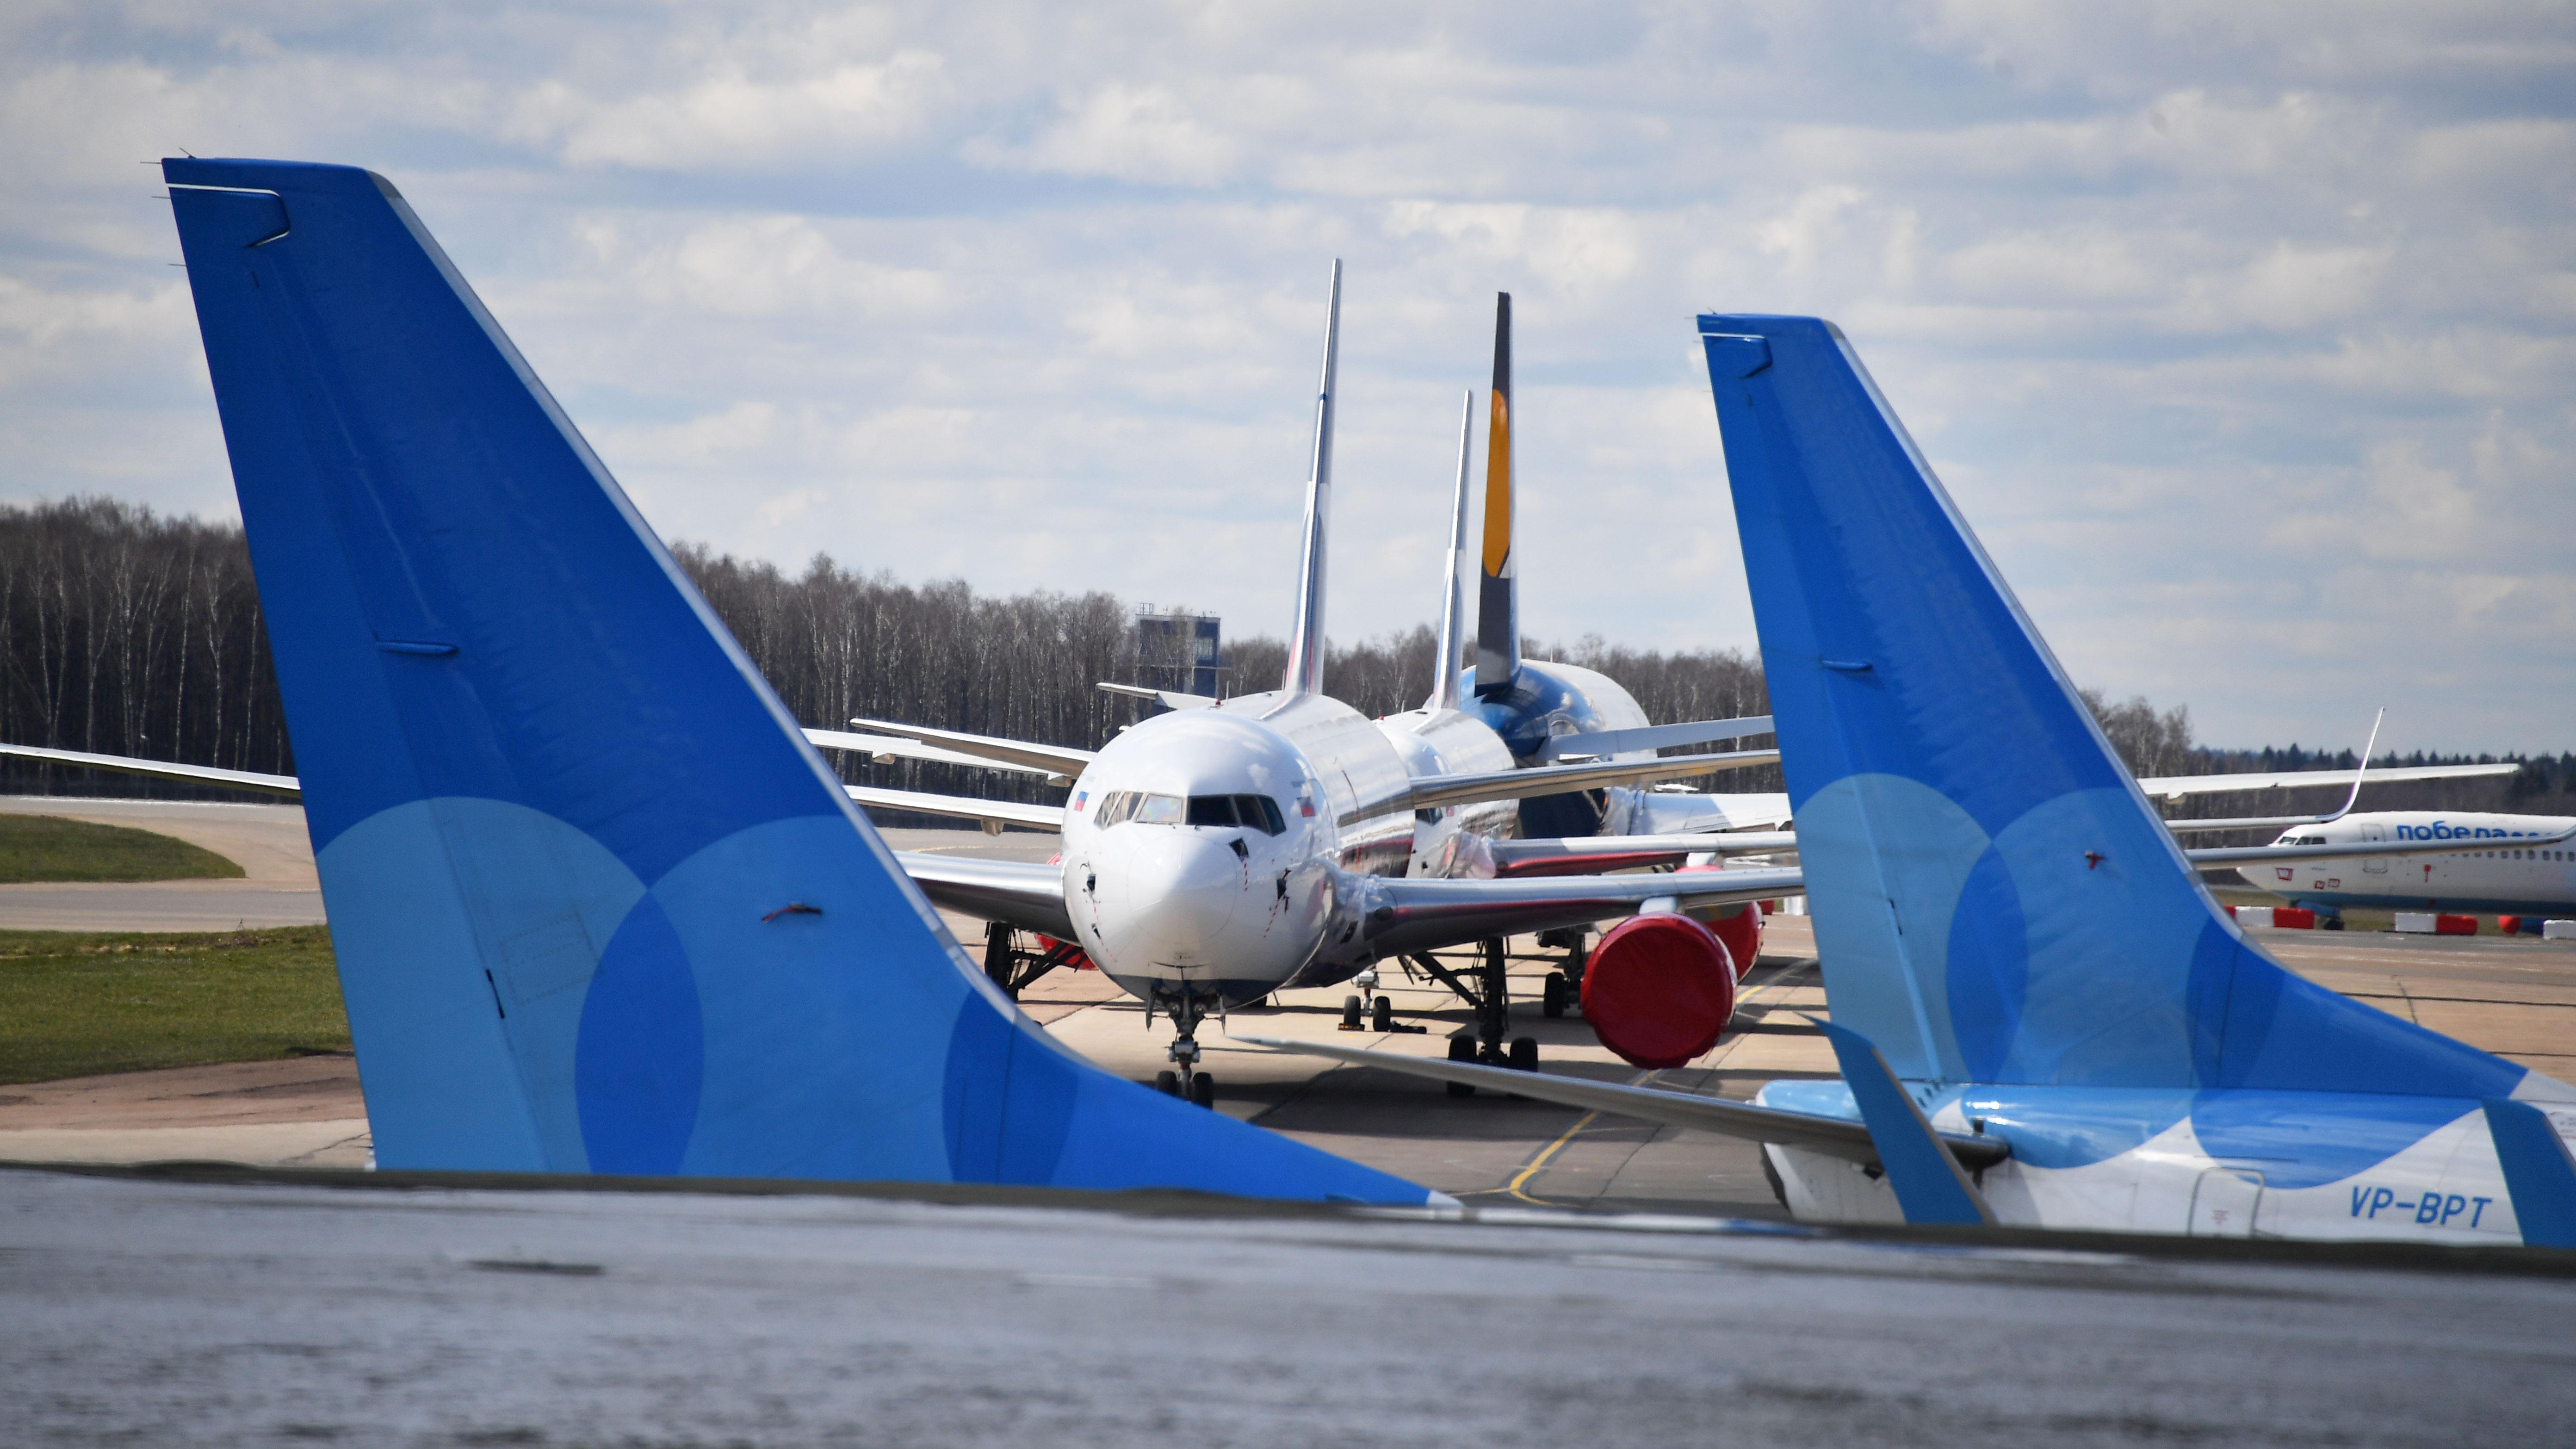 СМИ: в небе над Ростовом чуть не столкнулись два самолета